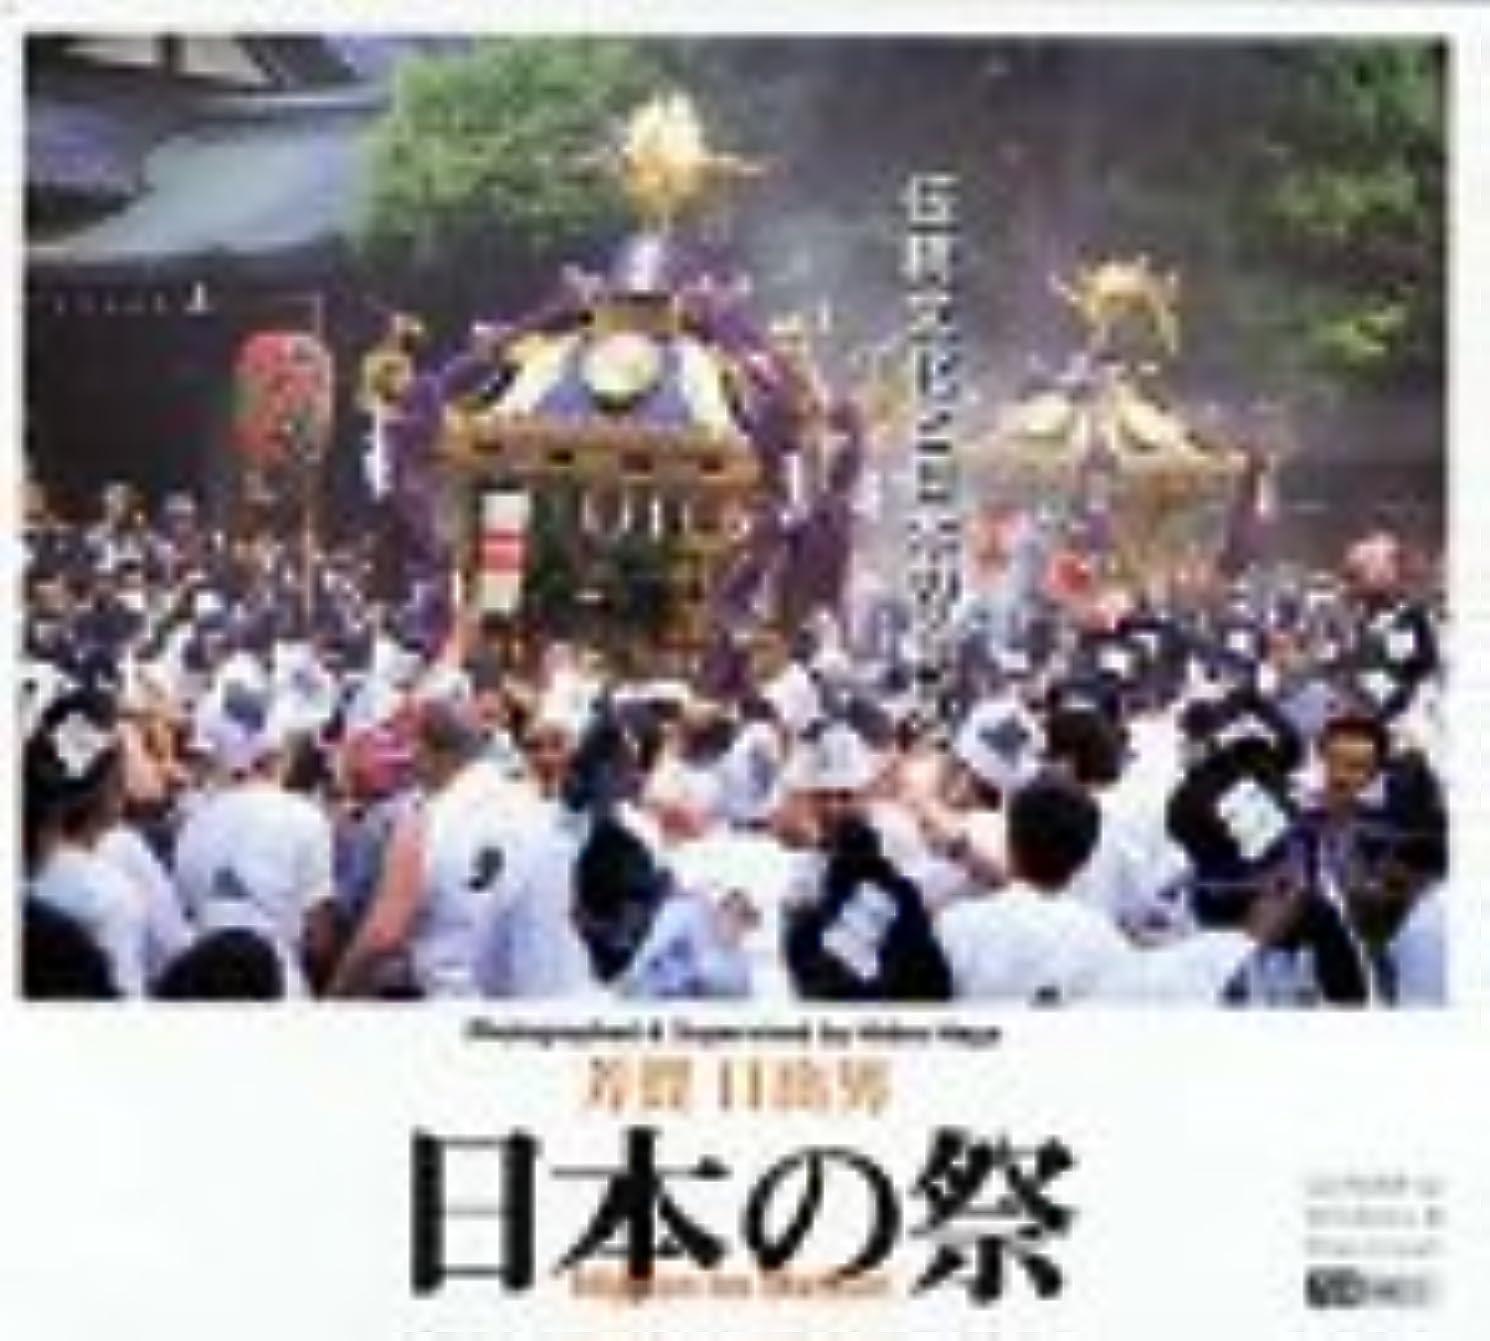 見えないリットル広がり日本の祭 - 伝統文化と日本のこころ -